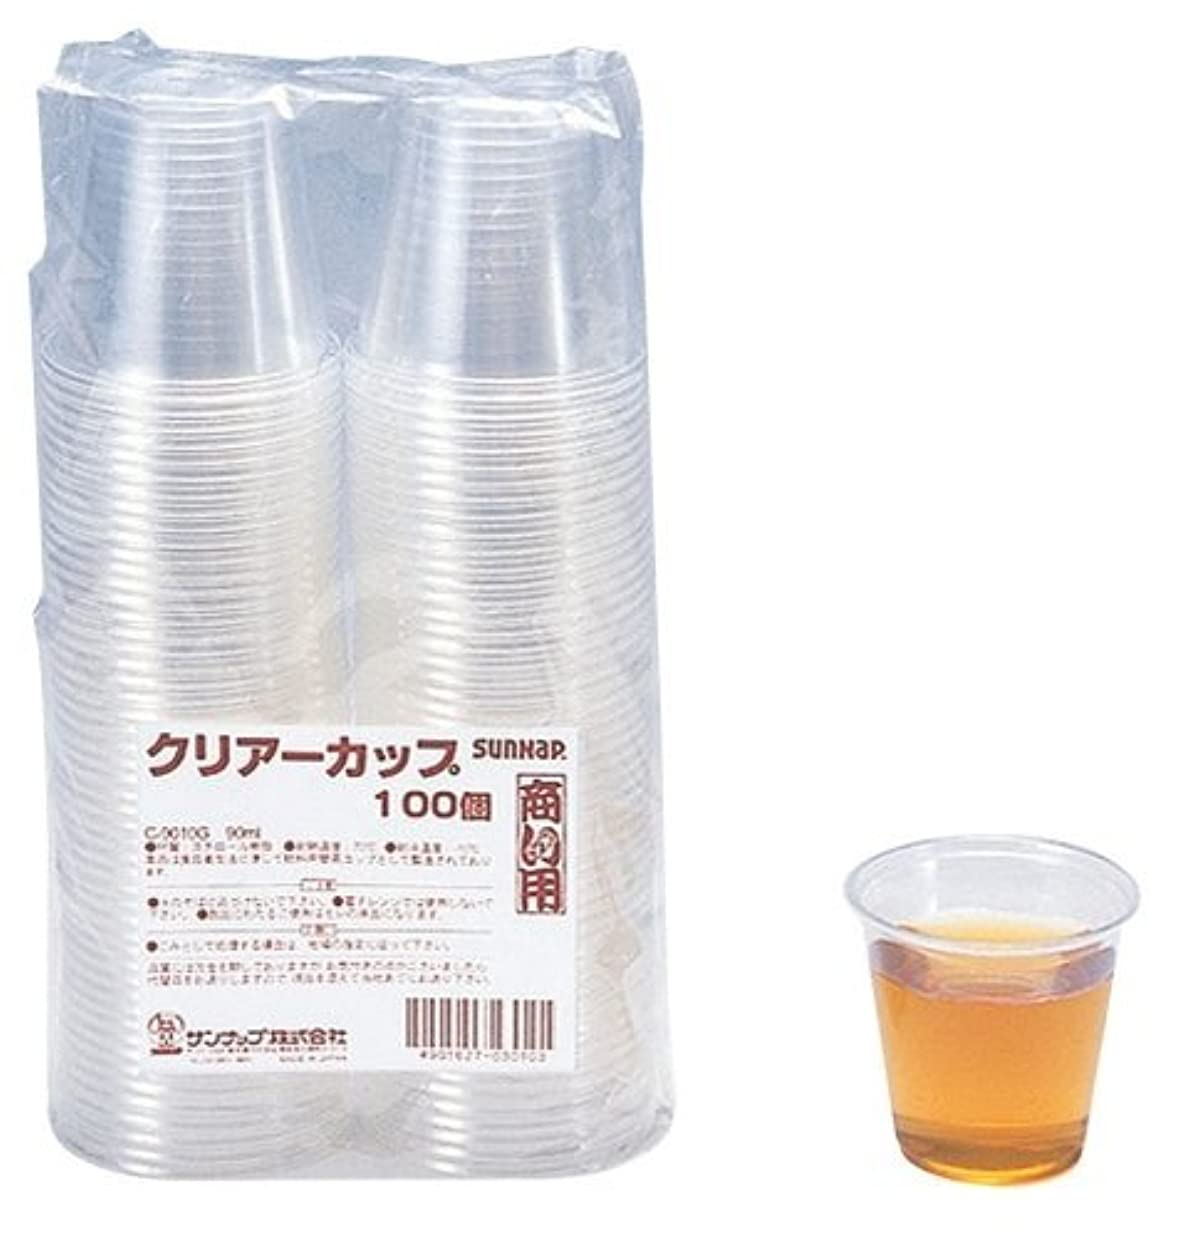 聴覚内訳自分のために(まとめ買い) サンナップ 商い用クリアーカップ 90ml 100個 C-9010G 【×3】